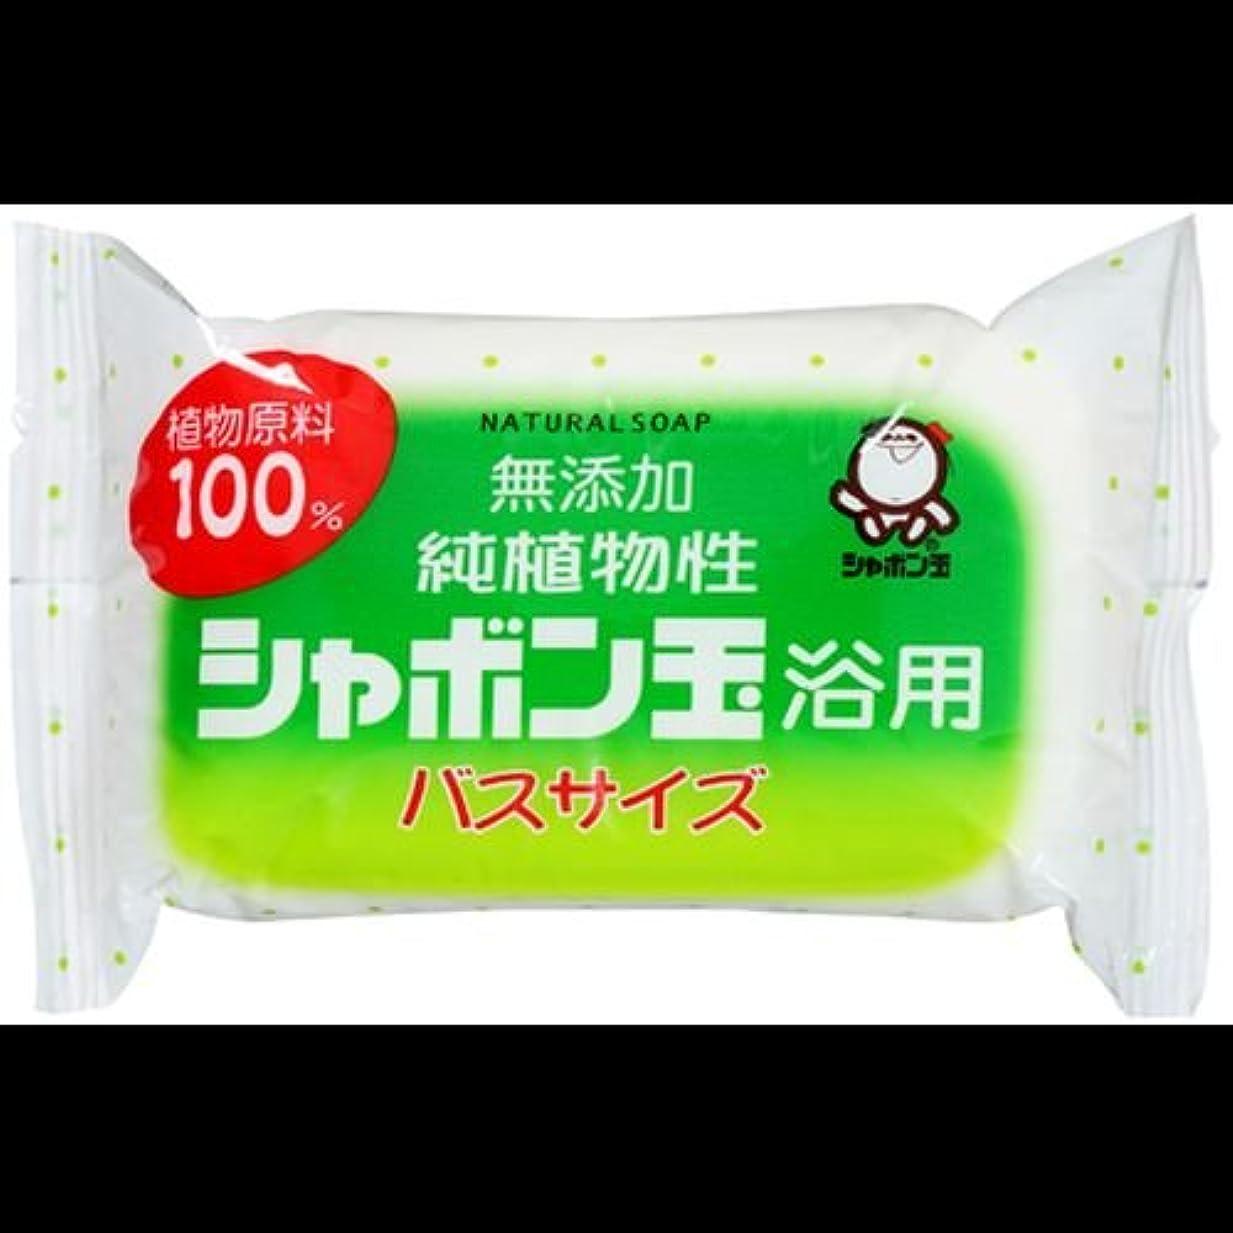 根拠アナウンサー予想外【まとめ買い】純植物性シャボン玉 浴用 バスサイズ155g ×2セット